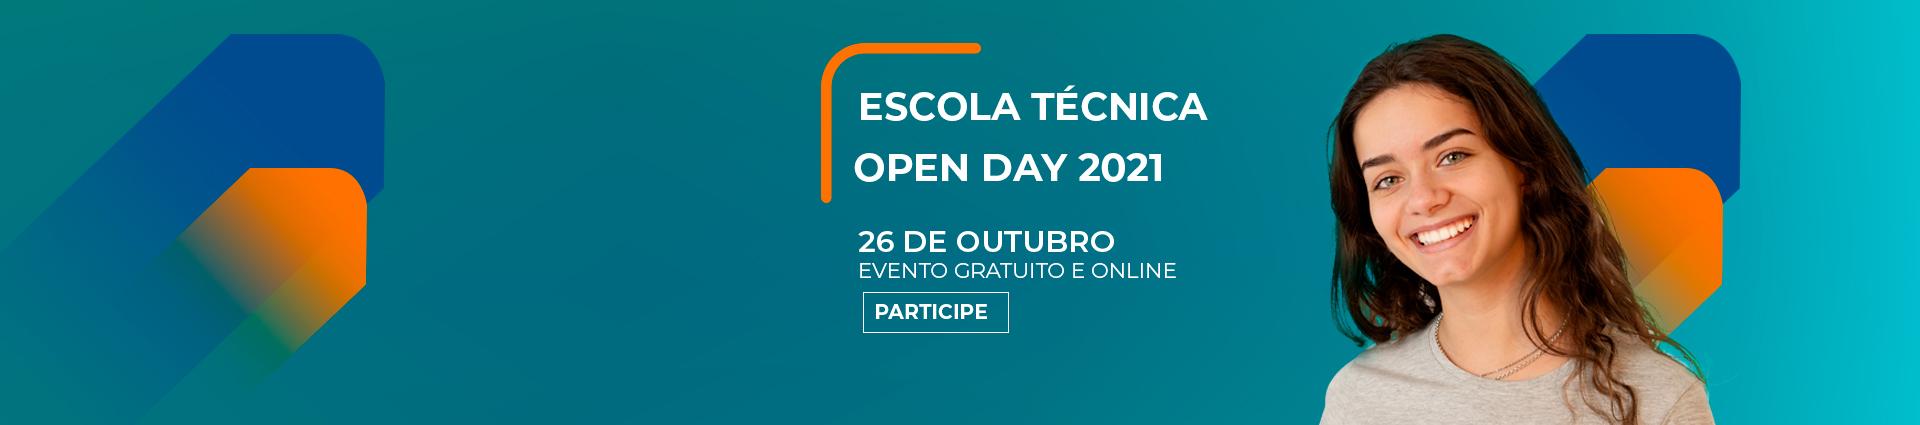 Banner_Escola_Tecnica-Open-Day